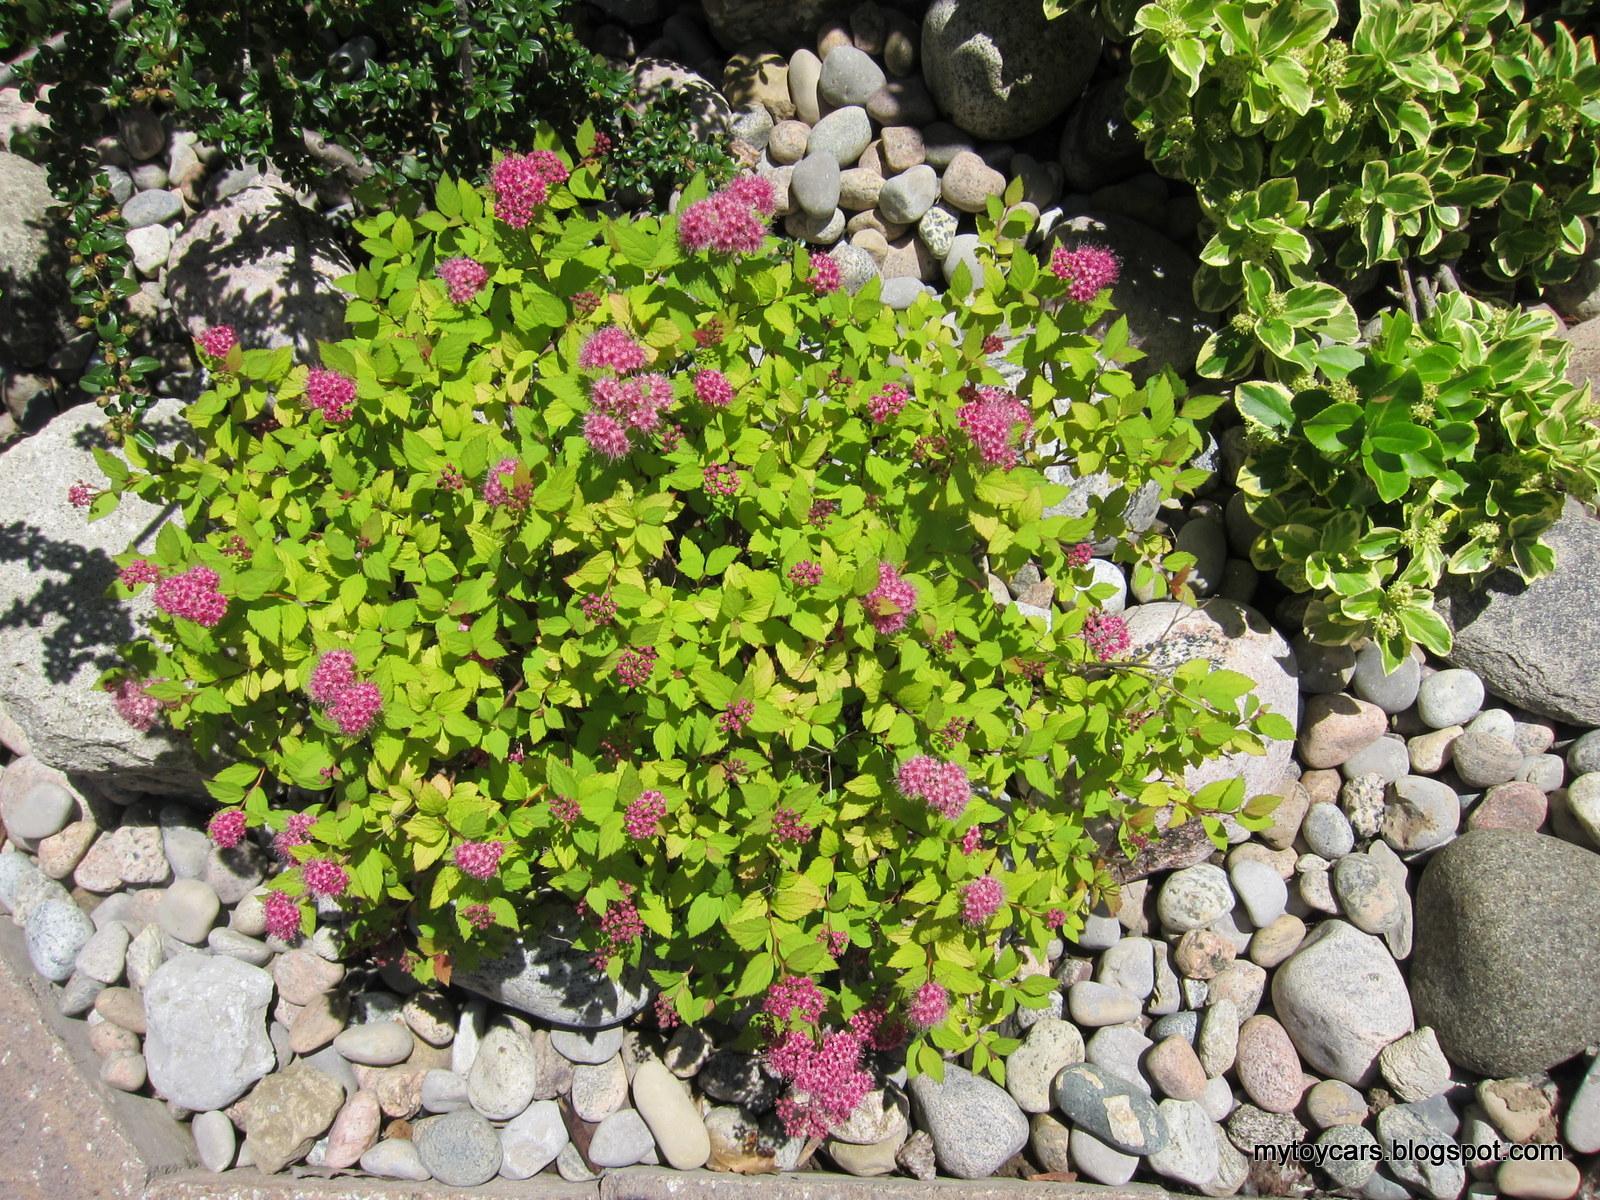 plants in the garden: Spirea